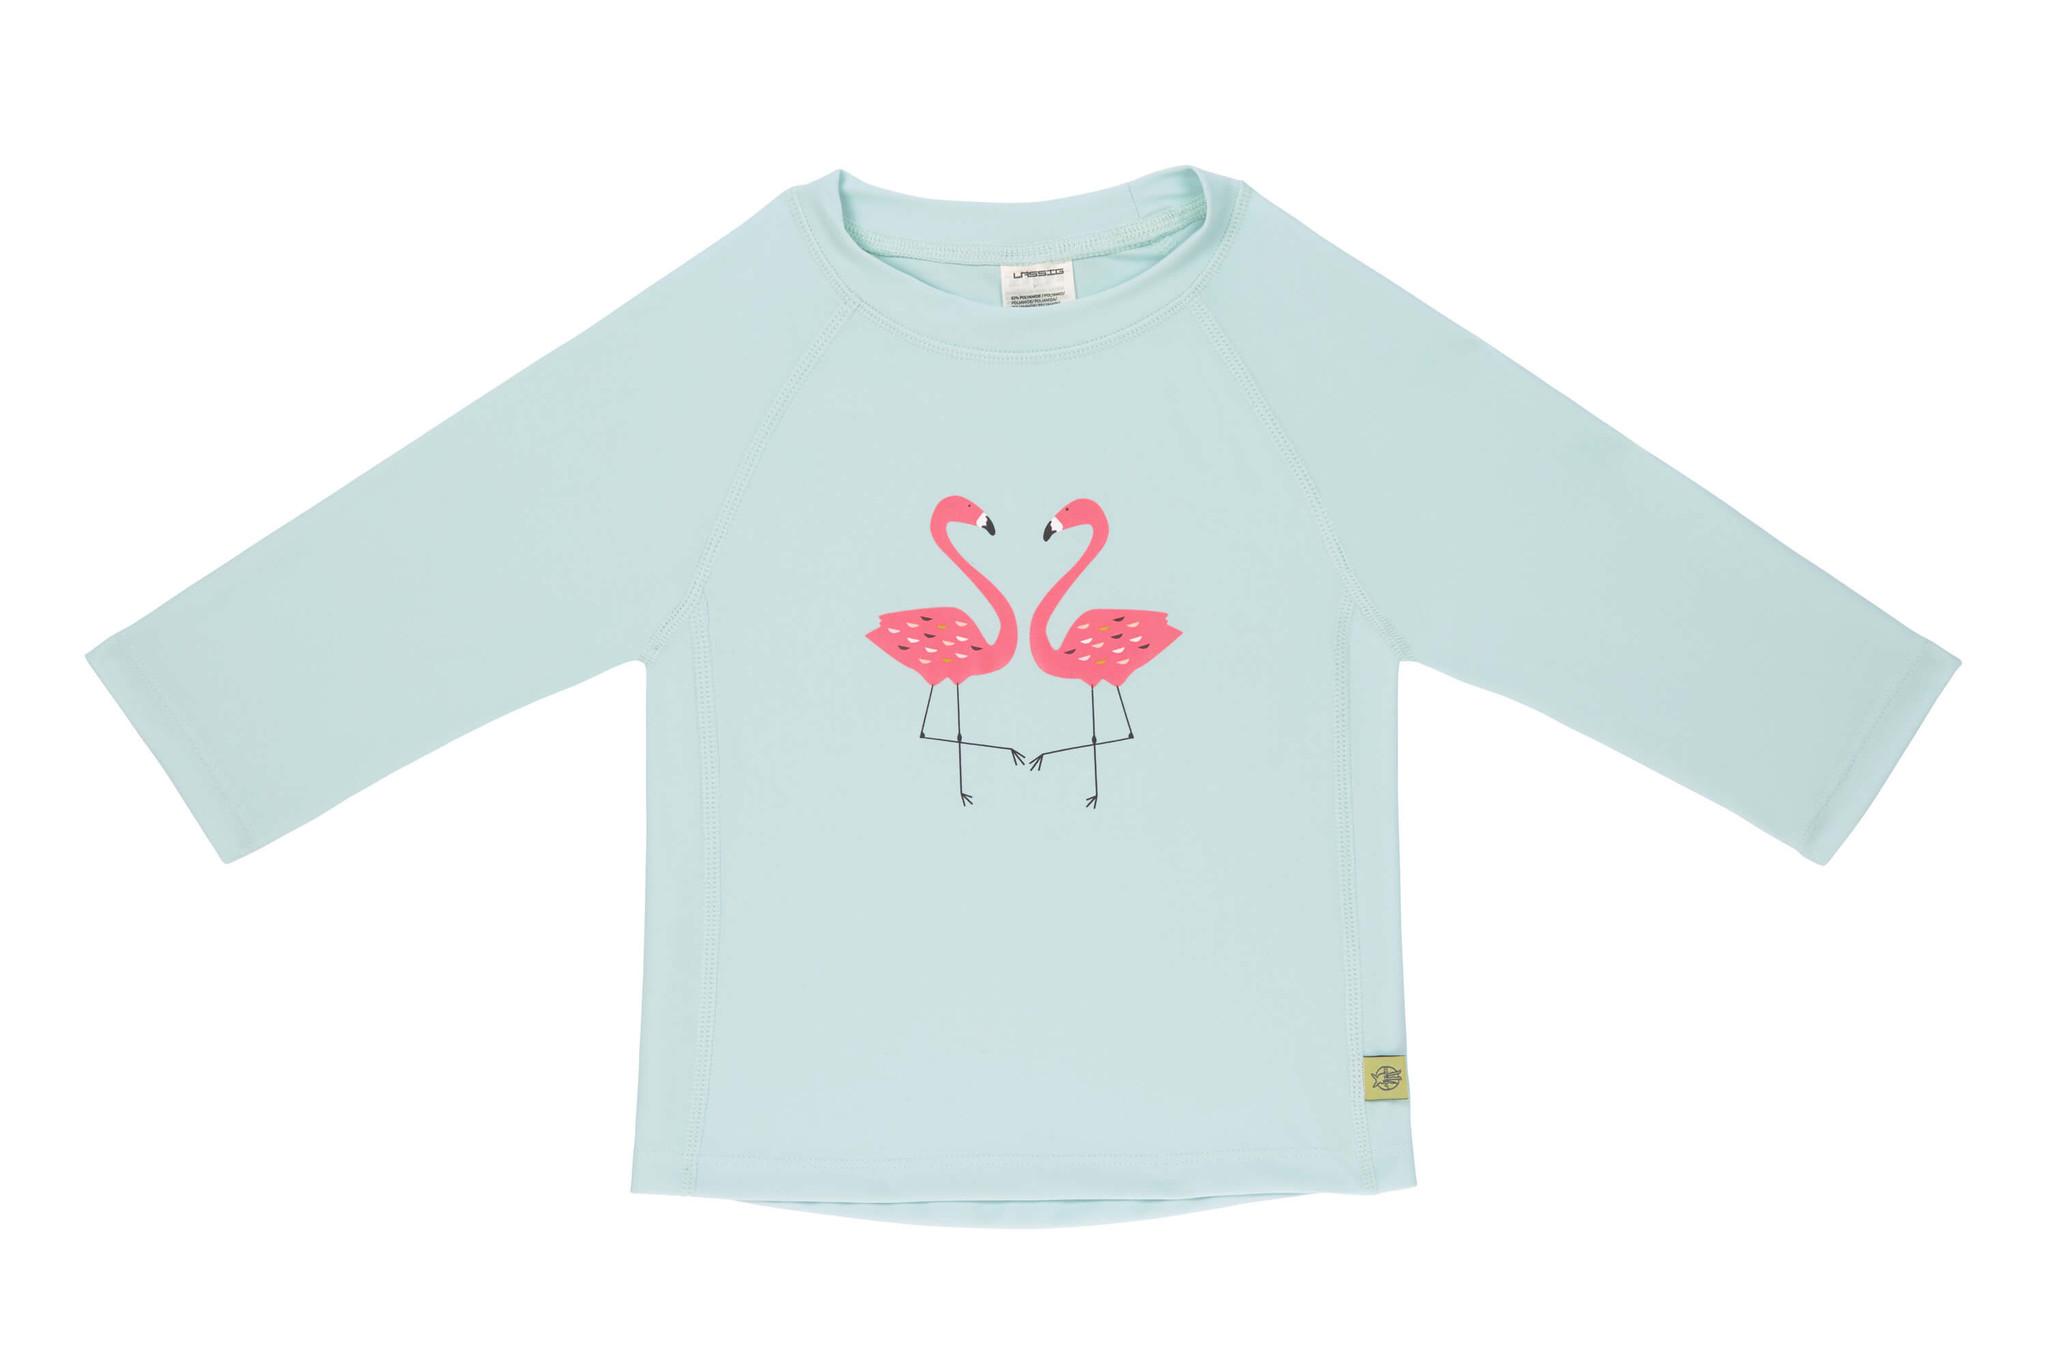 Lässig Lässig Splash & Fun Lange mouw Rashguard / zwemshirt - flamingo 18 maanden